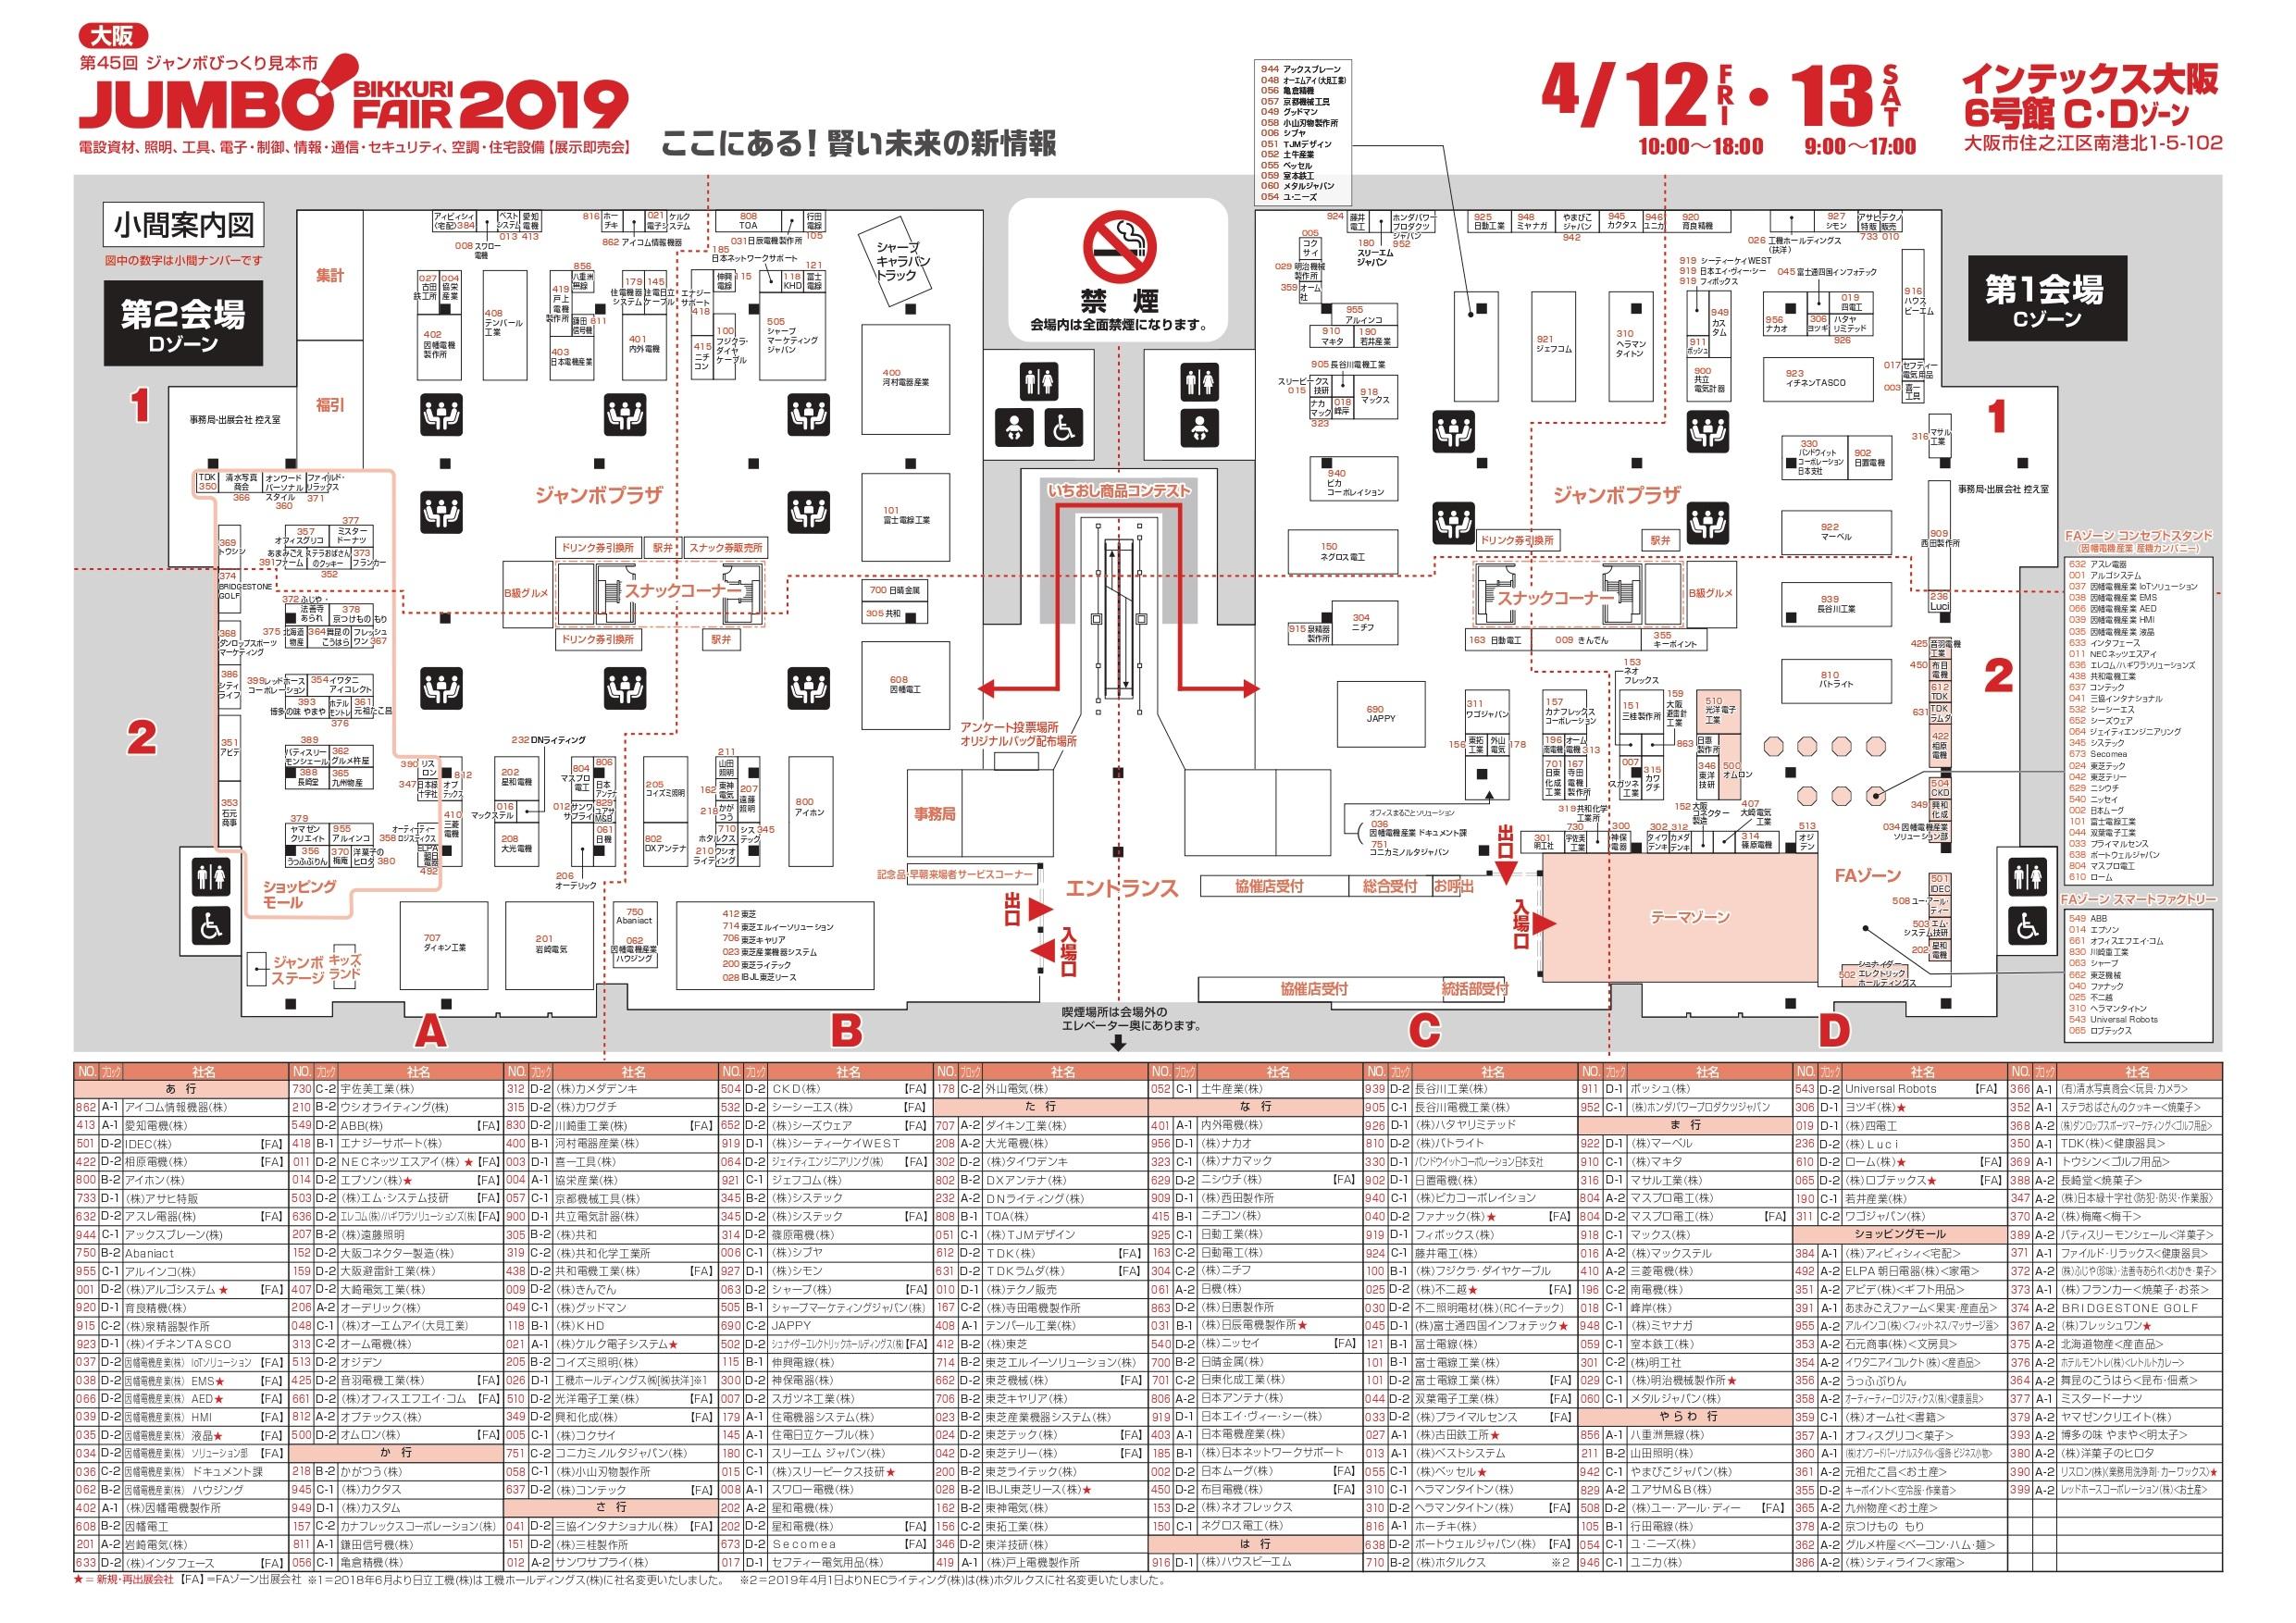 【ジャンボびっくり見本市】ついに公開!大阪会場:小間割図の画像